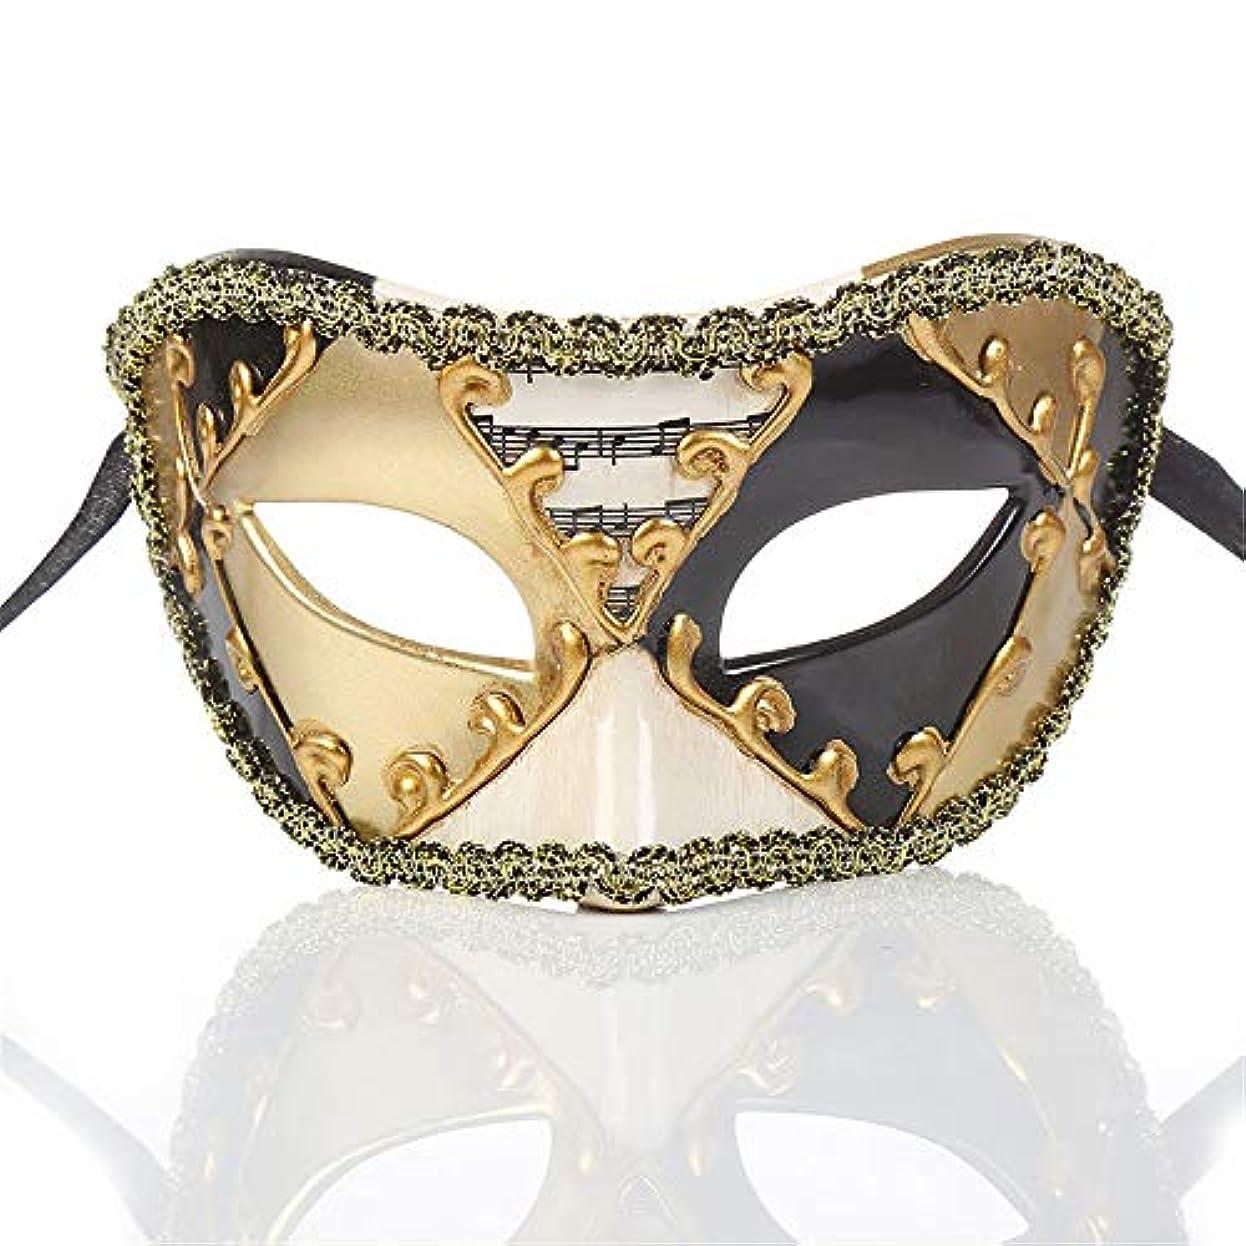 回想鮮やかな絶滅させるダンスマスク ヴィンテージクラシックハーフフェイスクラウンミュージカルノート装飾マスクフェスティバルロールプレイングプラスチックマスク ホリデーパーティー用品 (色 : ブラック, サイズ : 16.5x8cm)